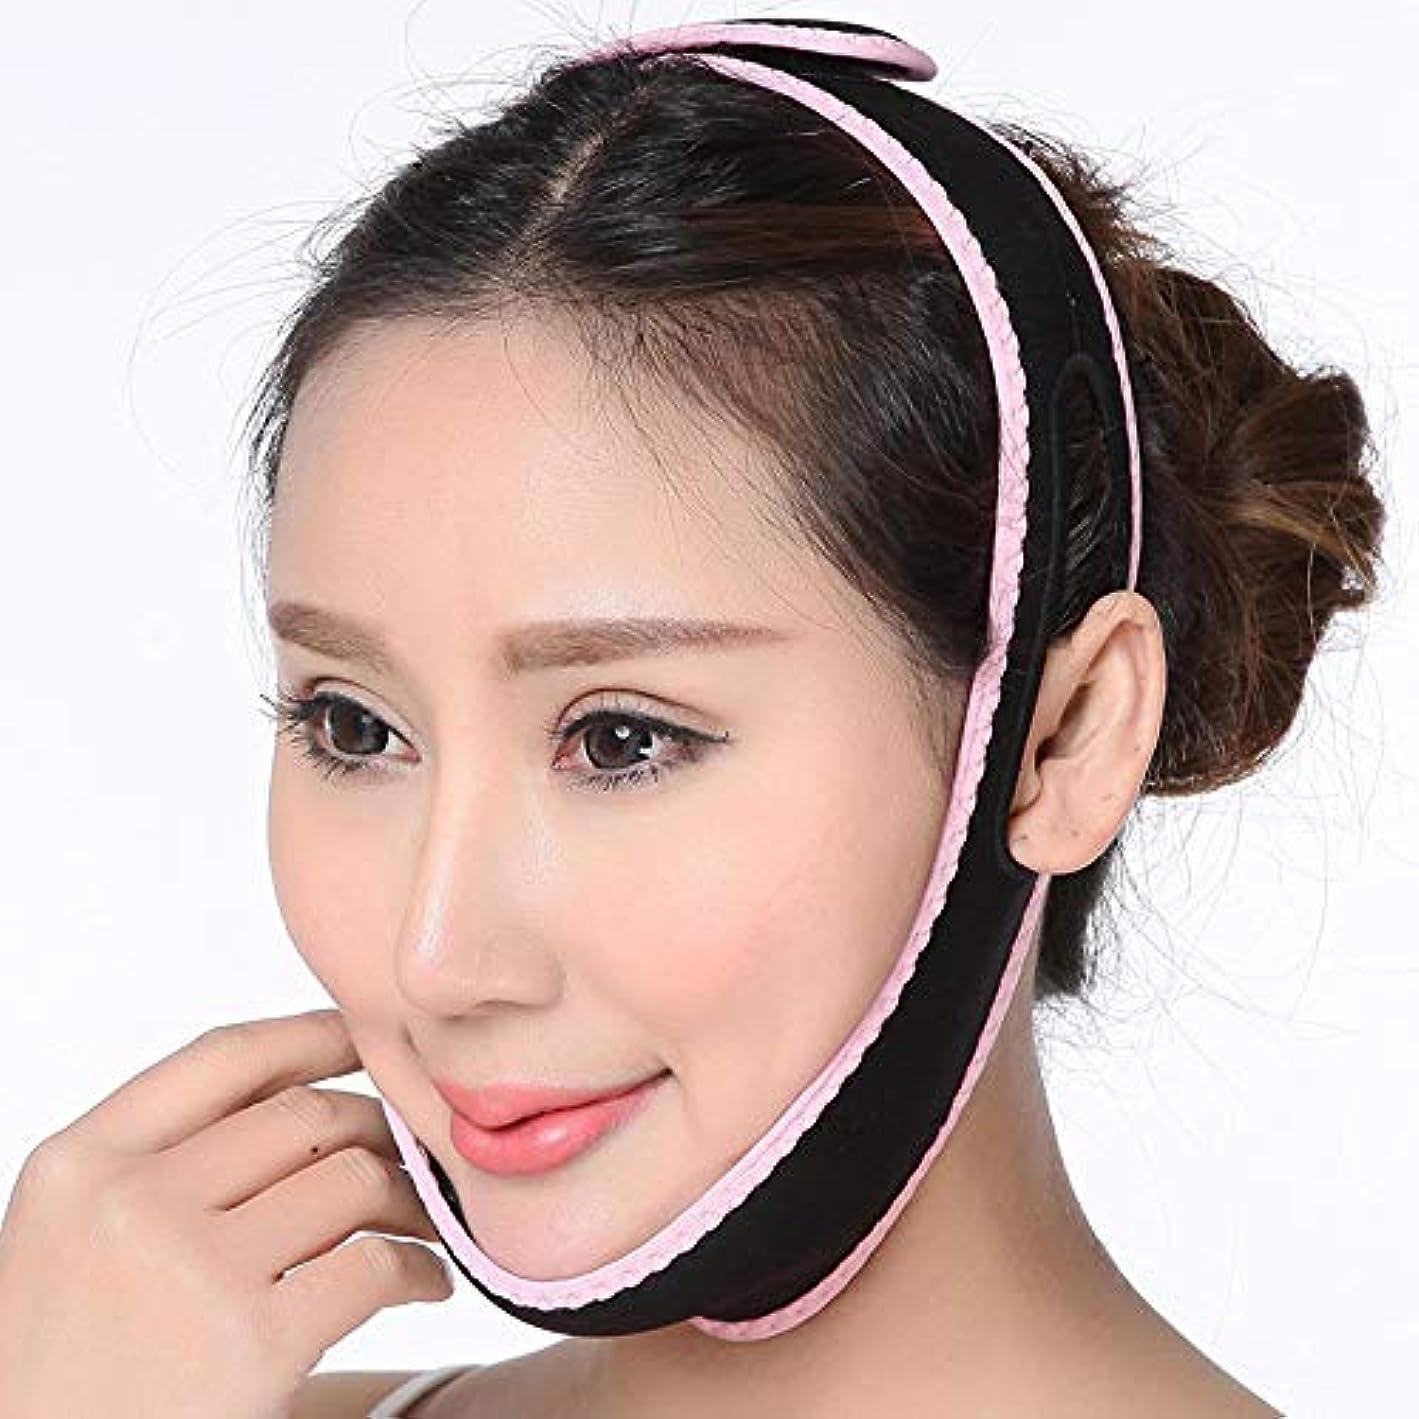 大胆気配りのある層顔面持ち上げ器具、vフェイス、顔持ち上げ包帯、ハーフパッケージマスク、持ち上げと締め付け、ユニセックス